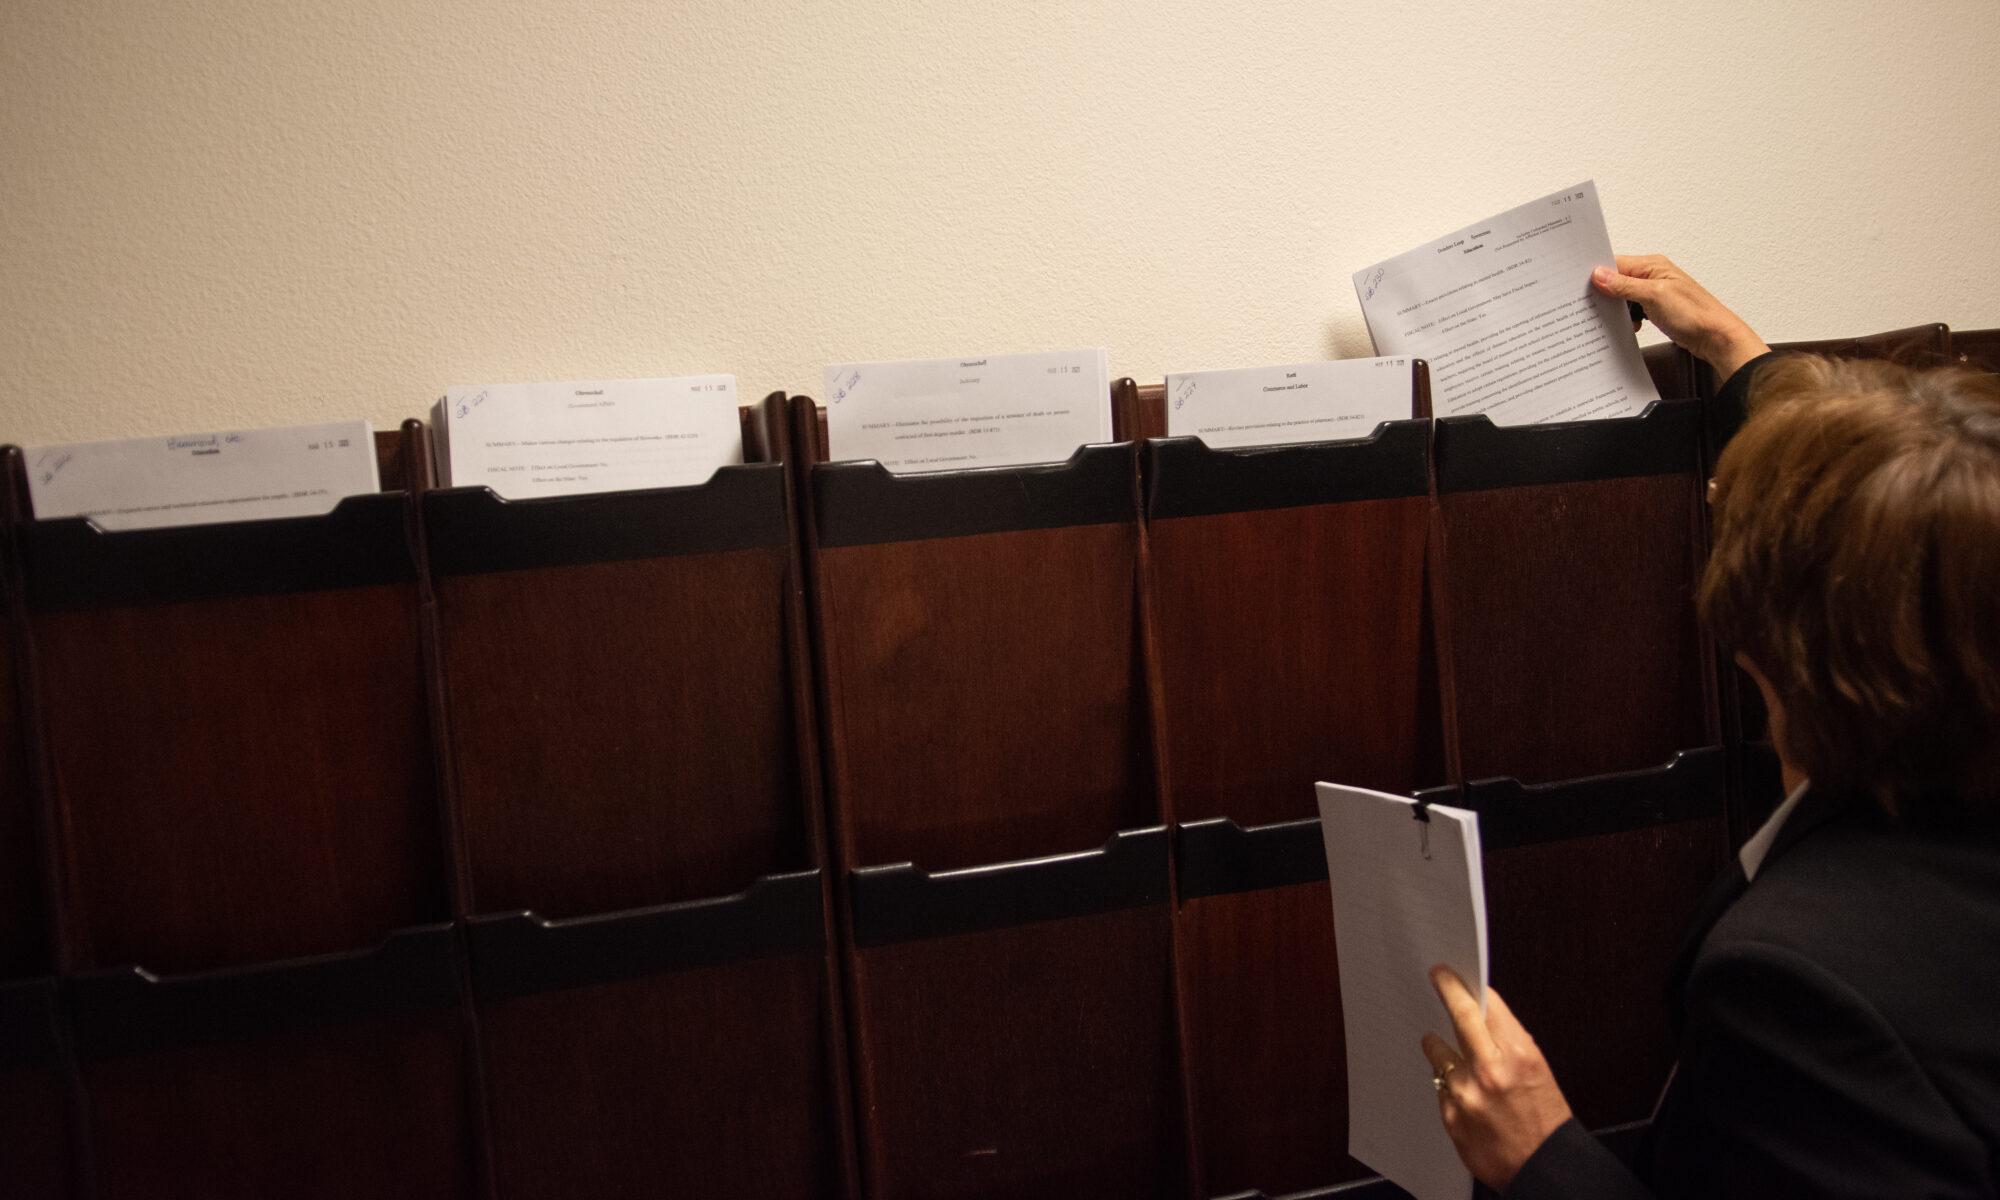 La mano de un hombre colocando papeles en casillas de un mueble café